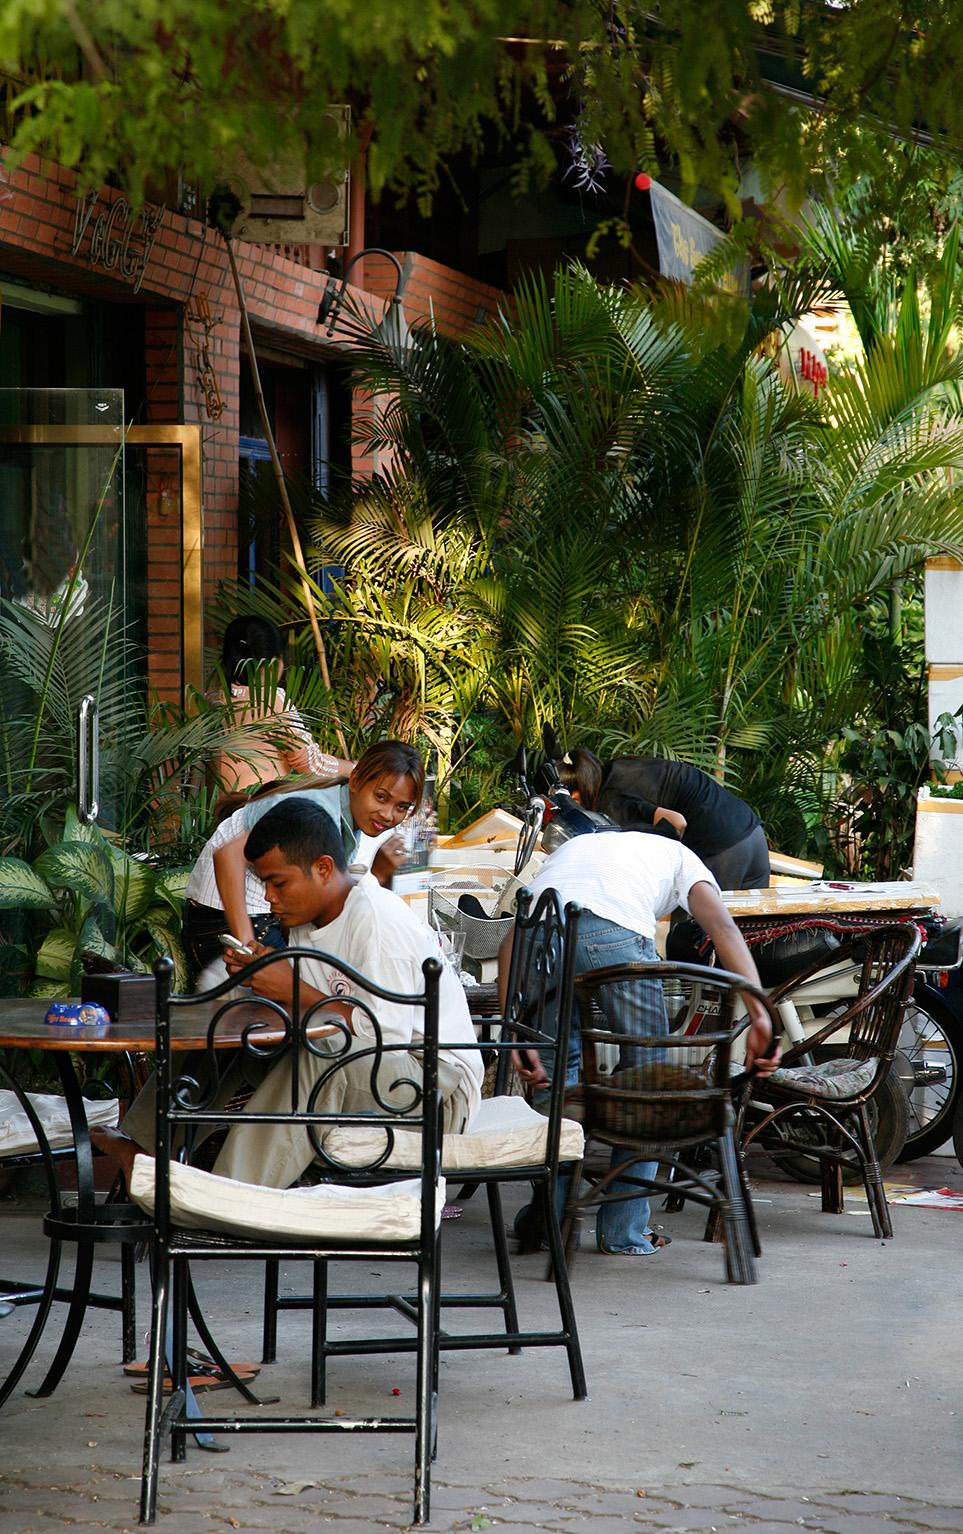 Des terrasses sympas, petits cafés...